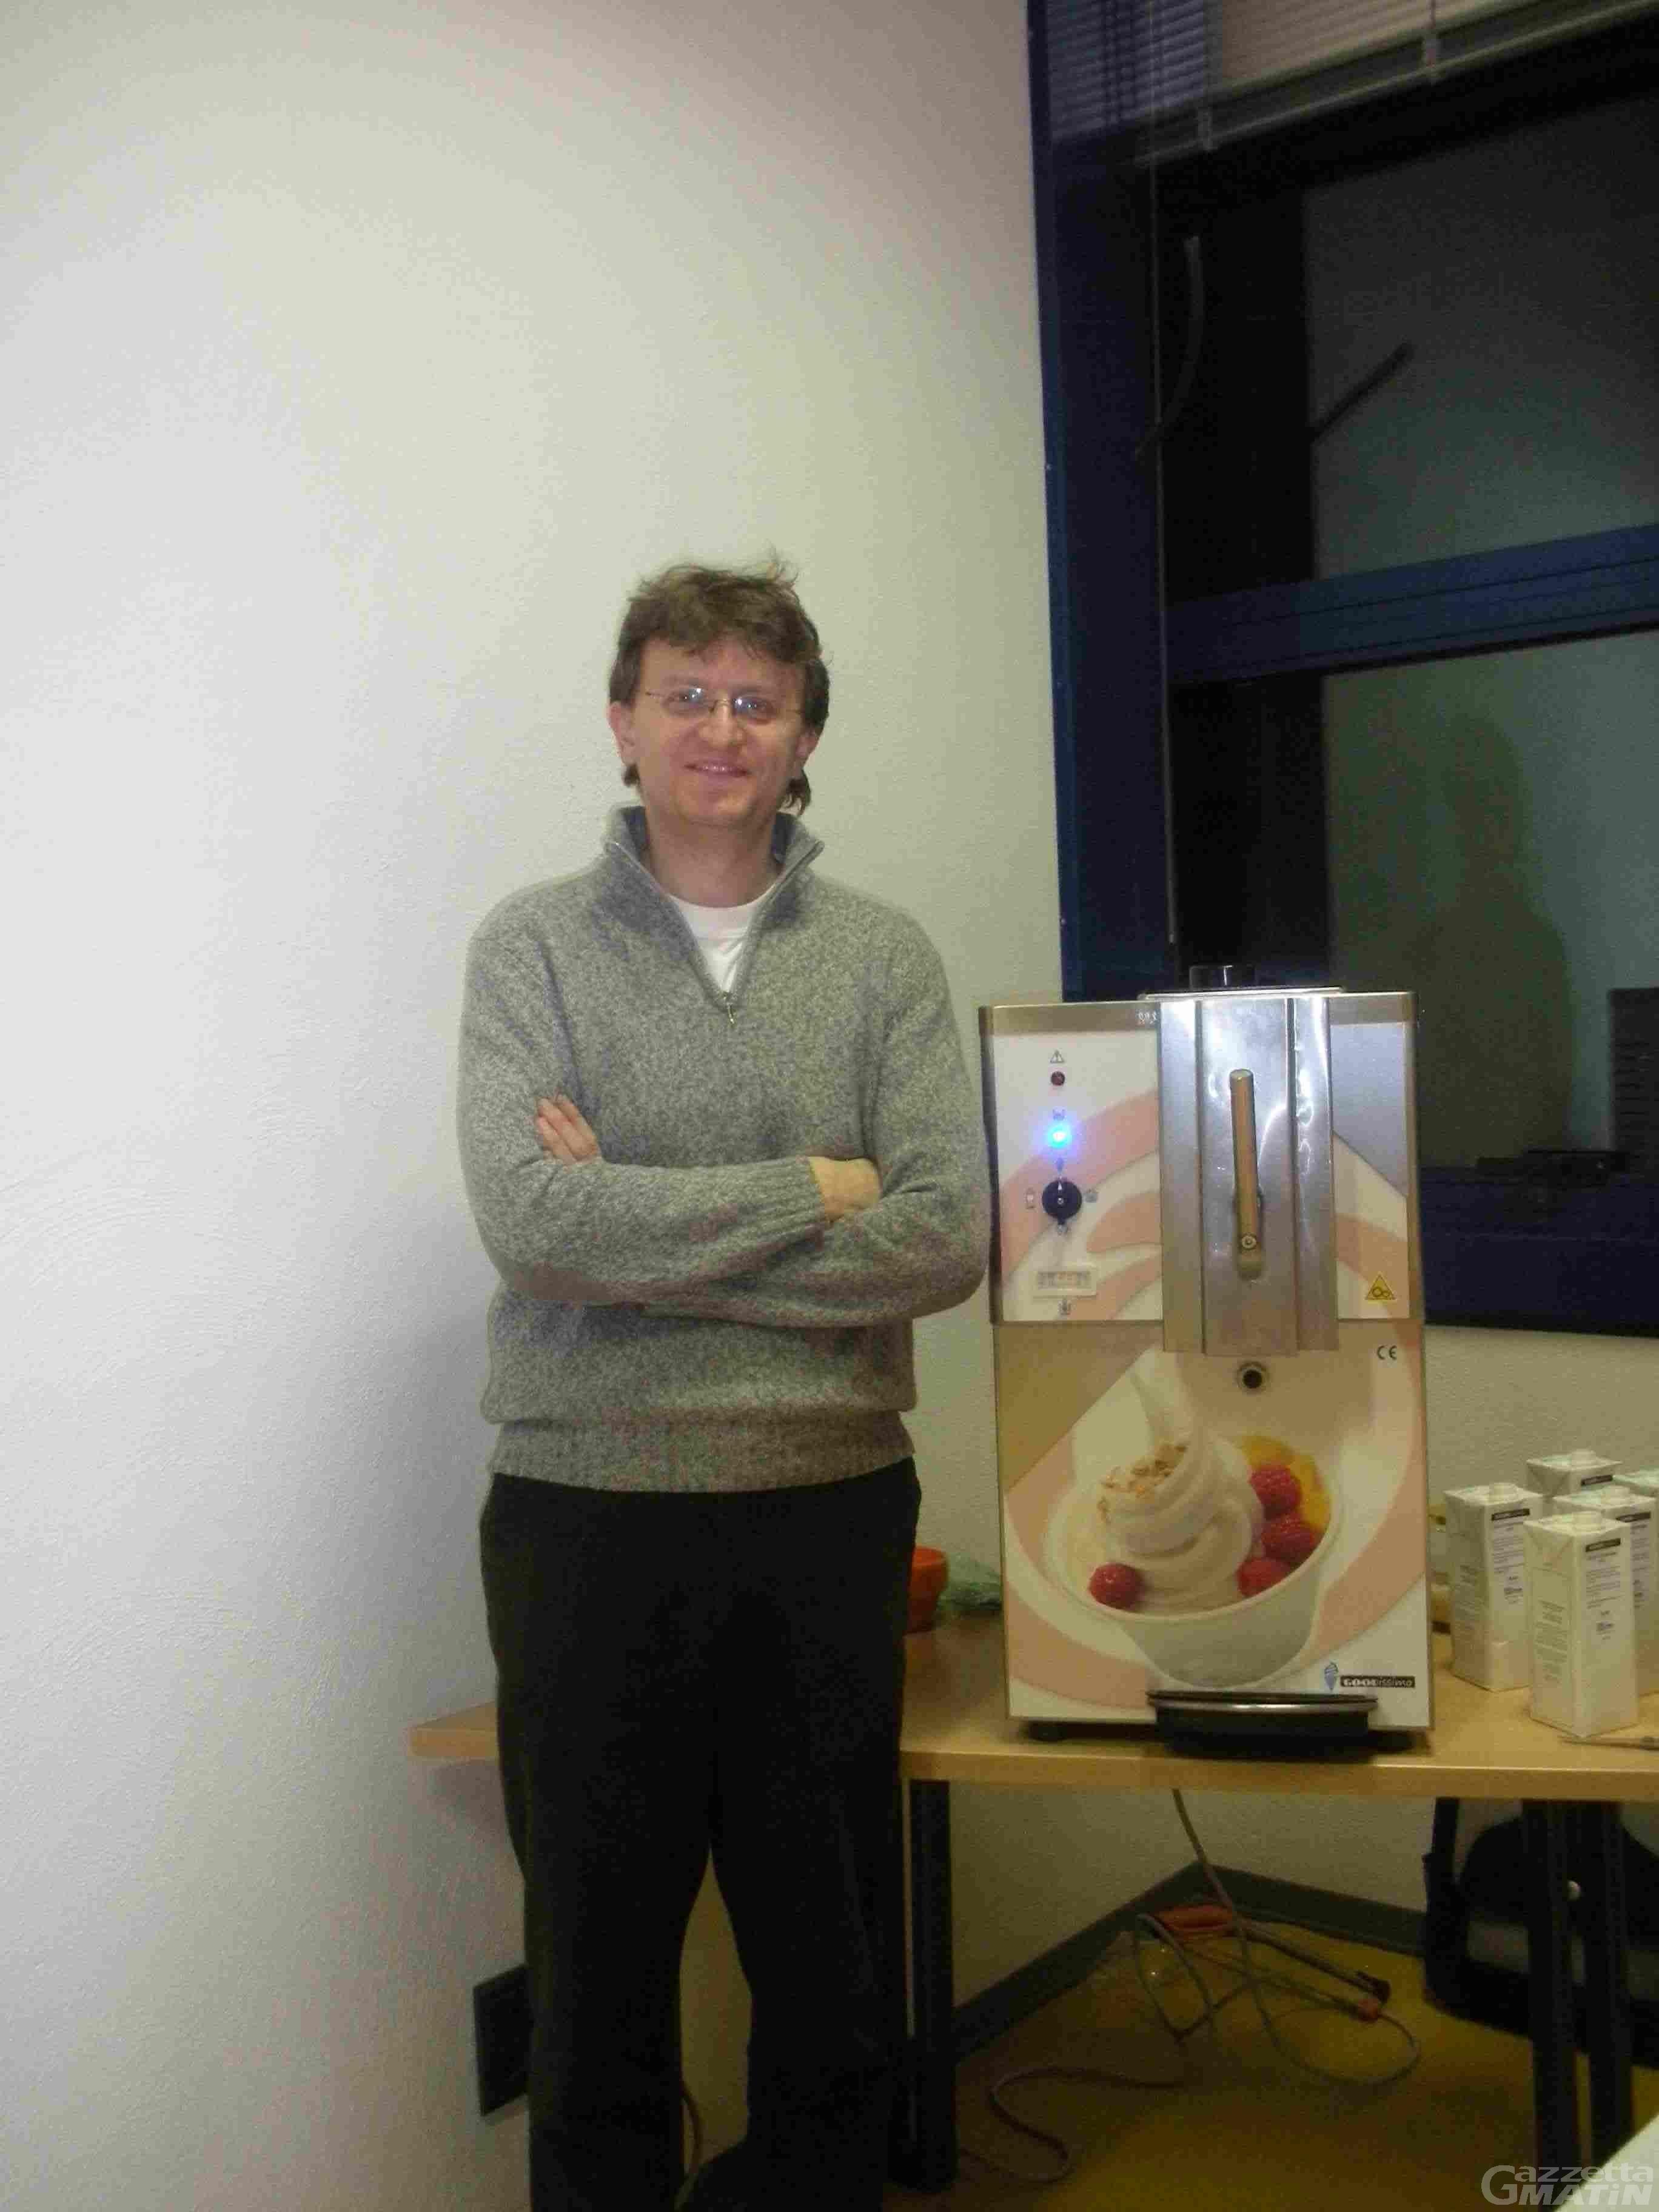 Innovazione, in arrivo una macchina del gelato espresso